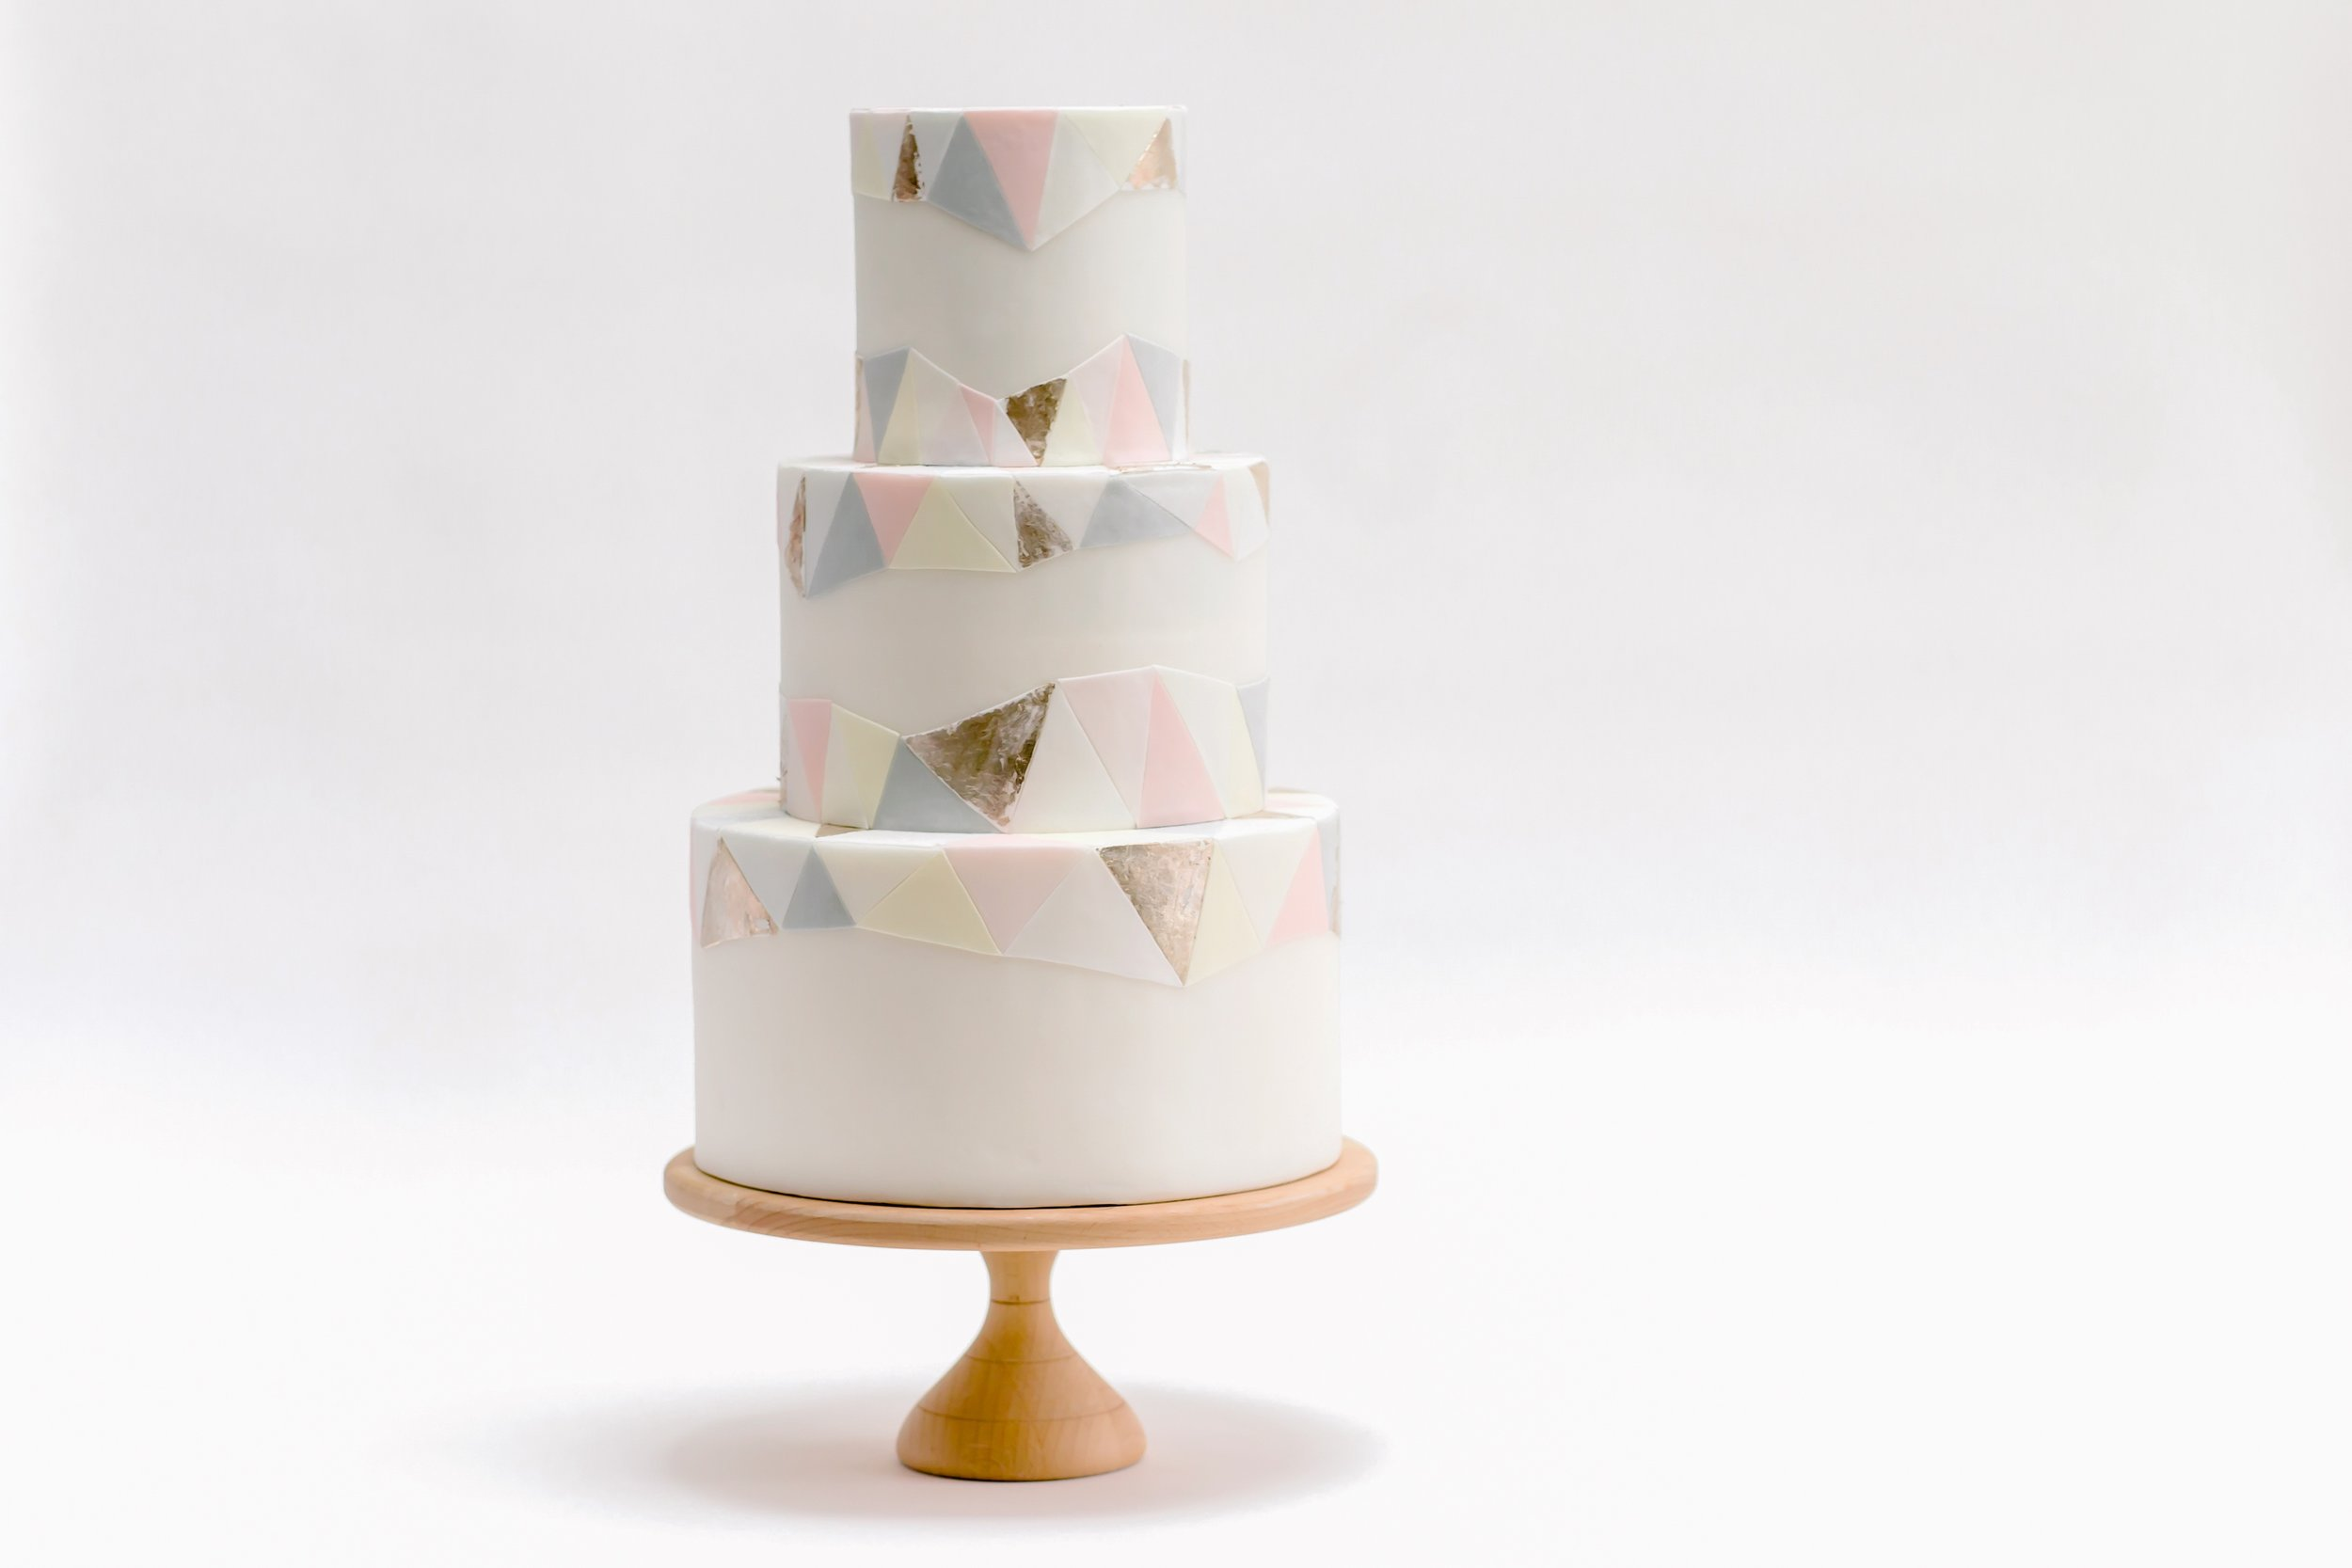 claire-graham-claire-owen-cakes-3 4200x2800.jpg